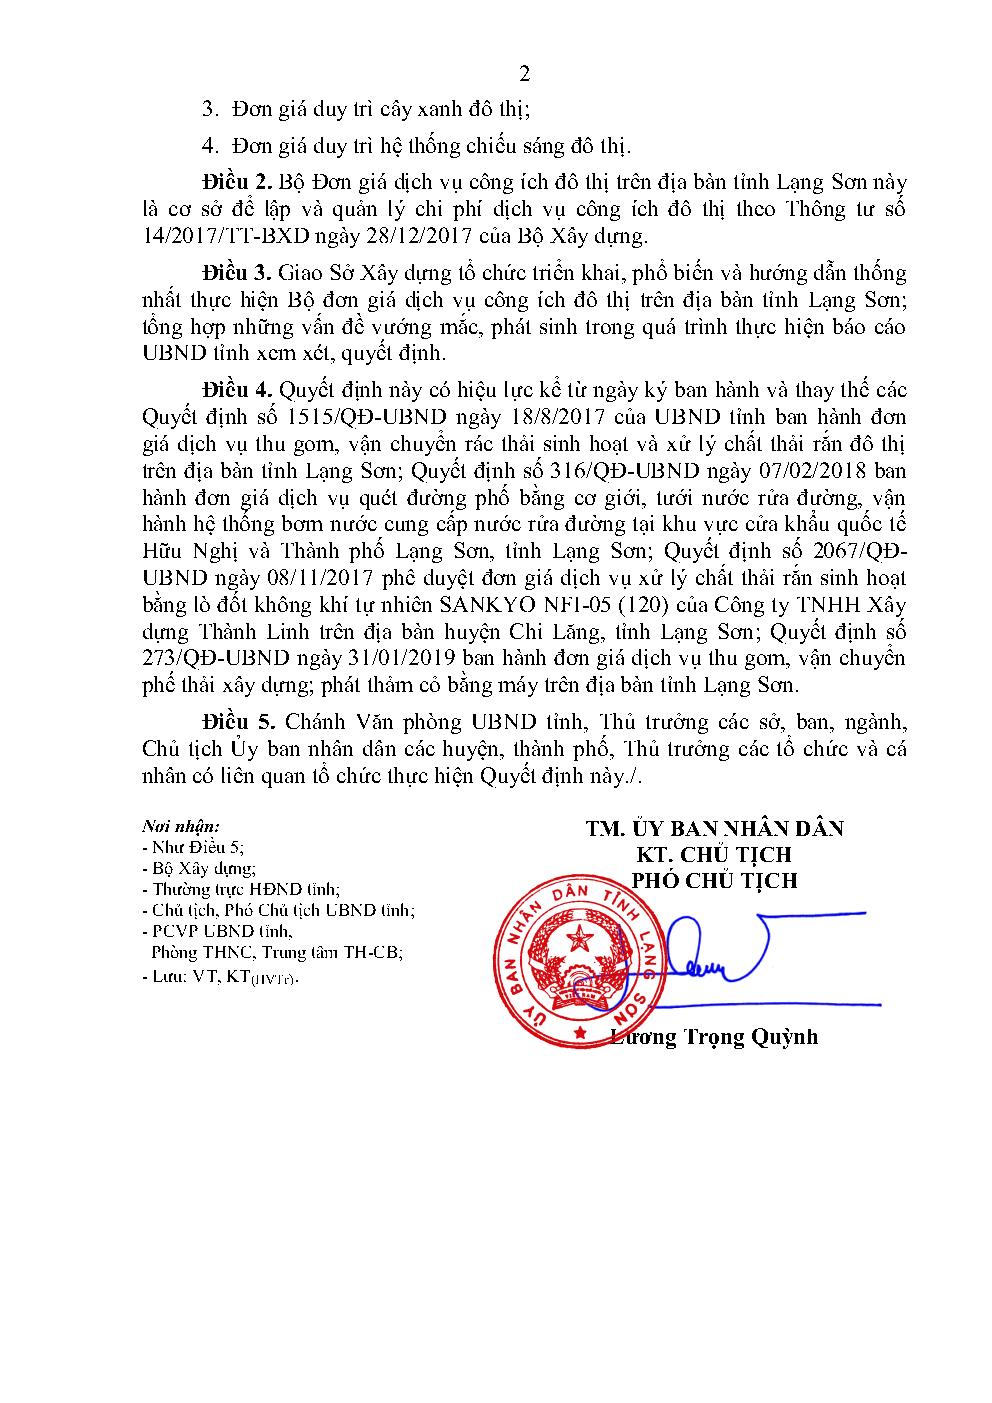 Đơn giá công ích tỉnh Lạng Sơn năm 2021